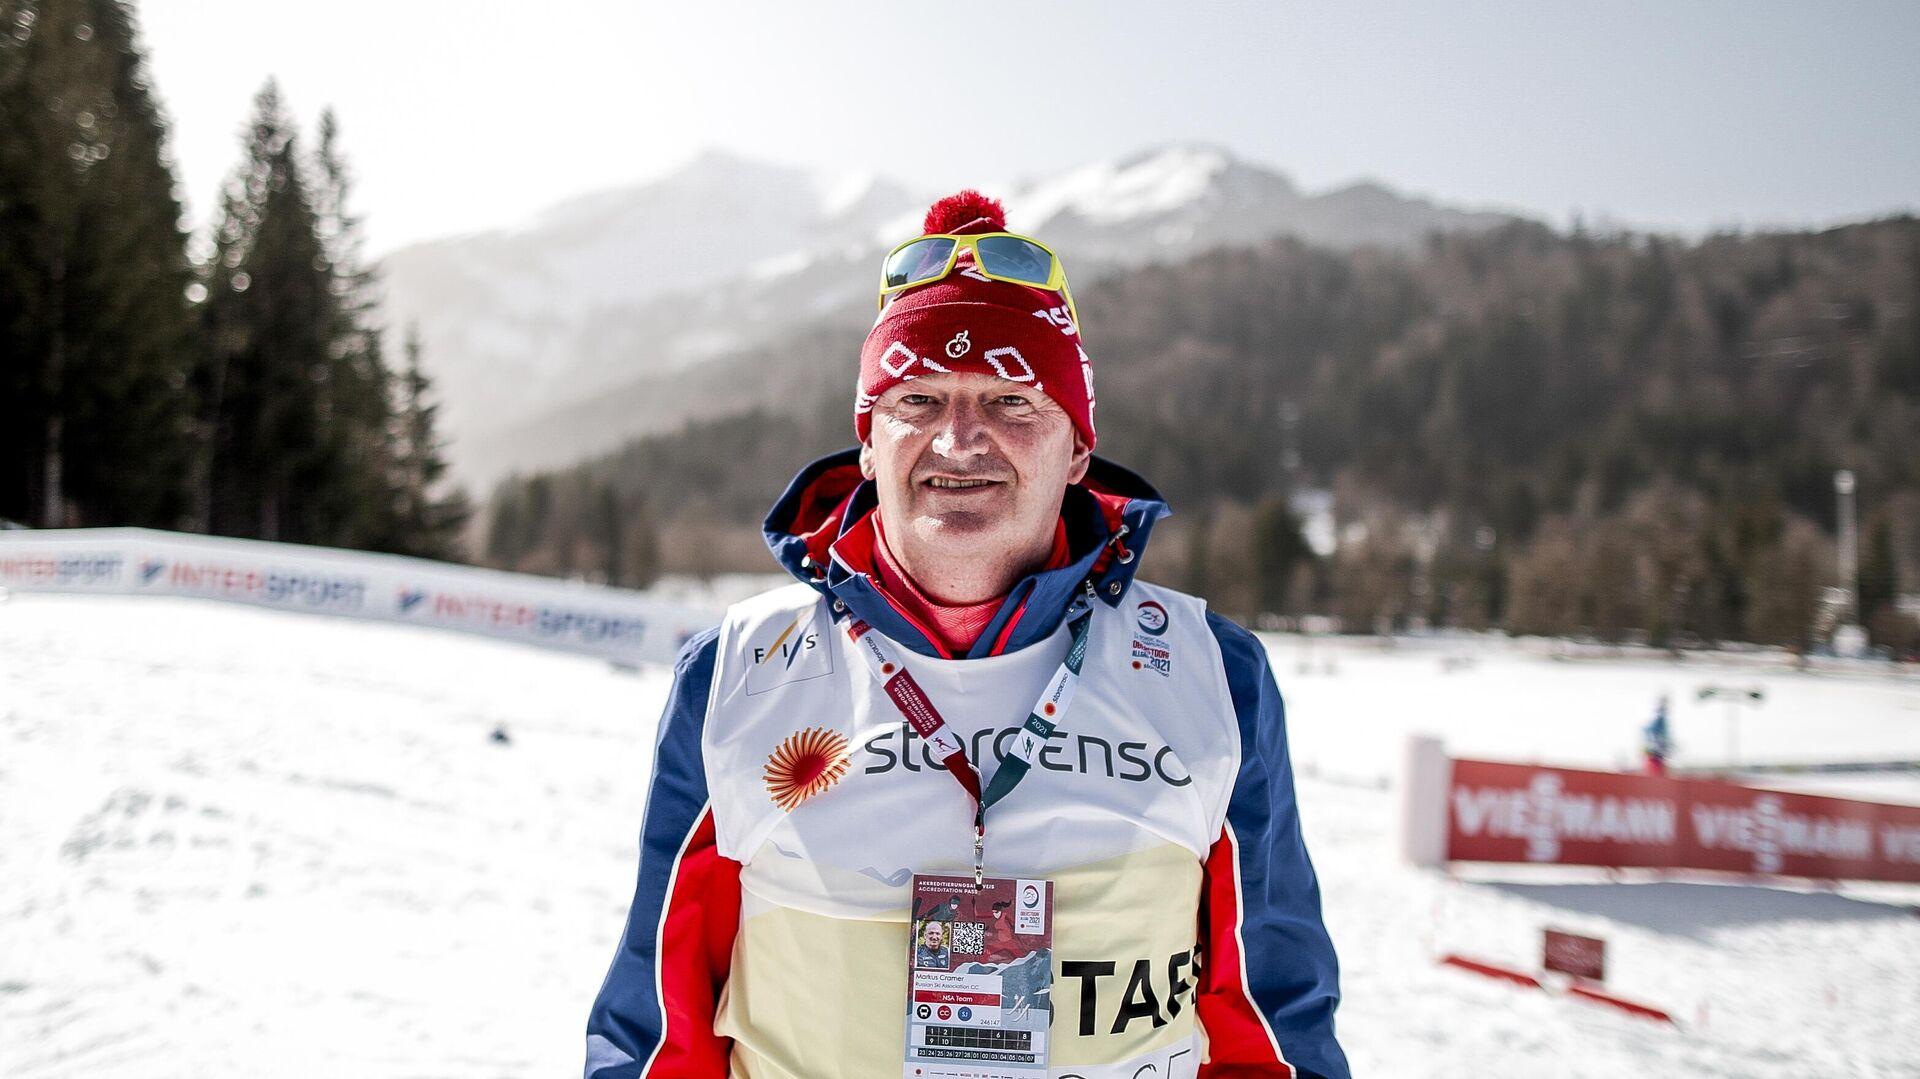 Тренер сборной России по лыжному спорту Маркус Крамер - РИА Новости, 1920, 28.02.2021